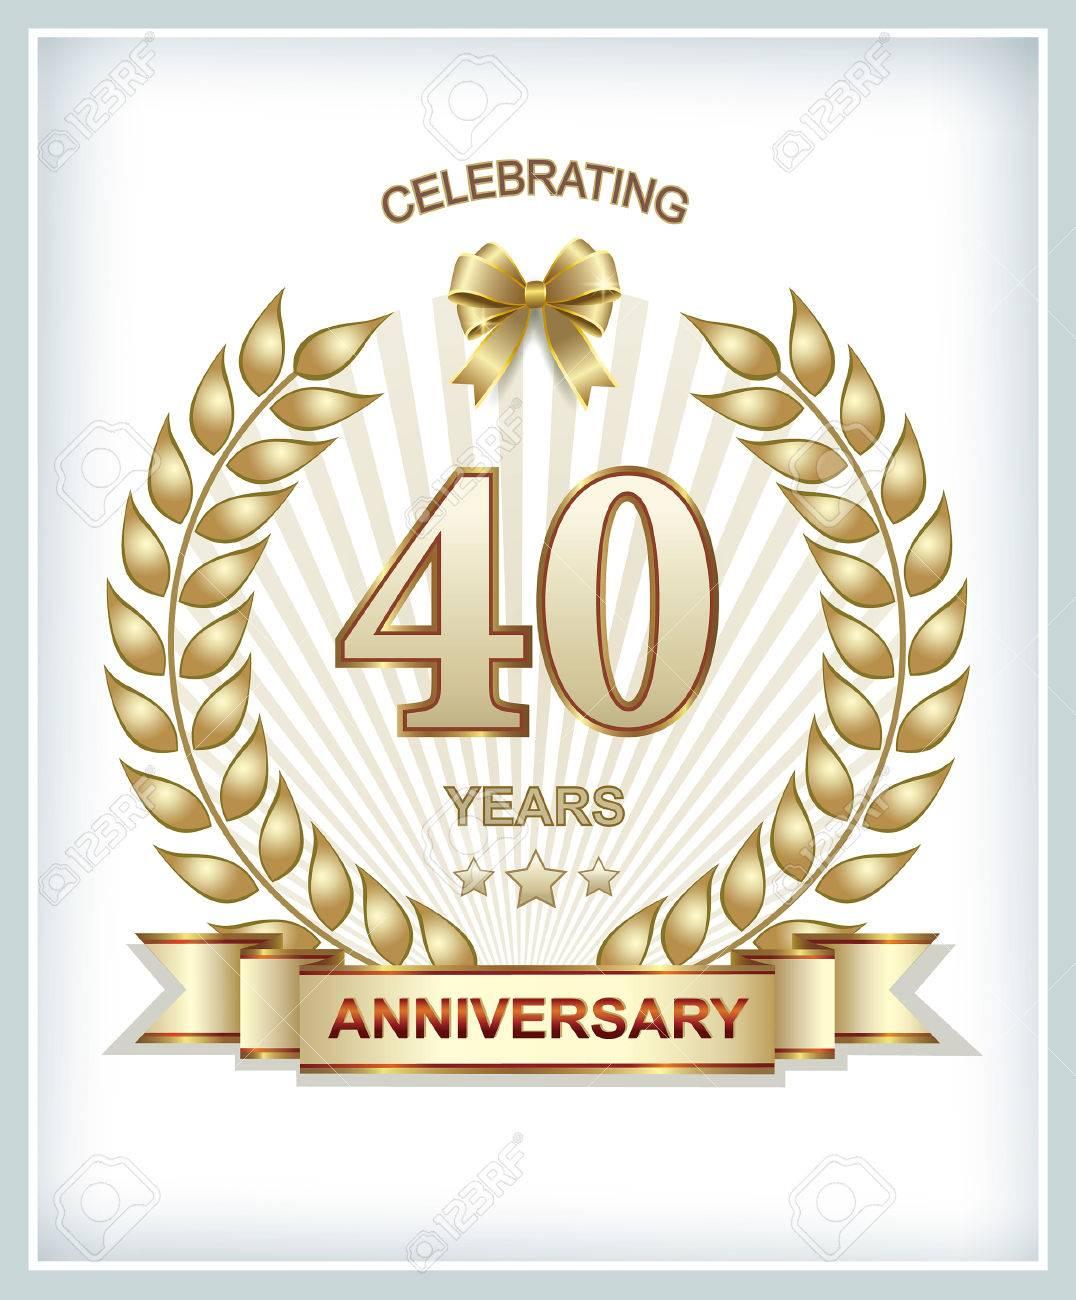 40 Jahre Jubilaum In Gold Lorbeerkranz Lizenzfrei Nutzbare